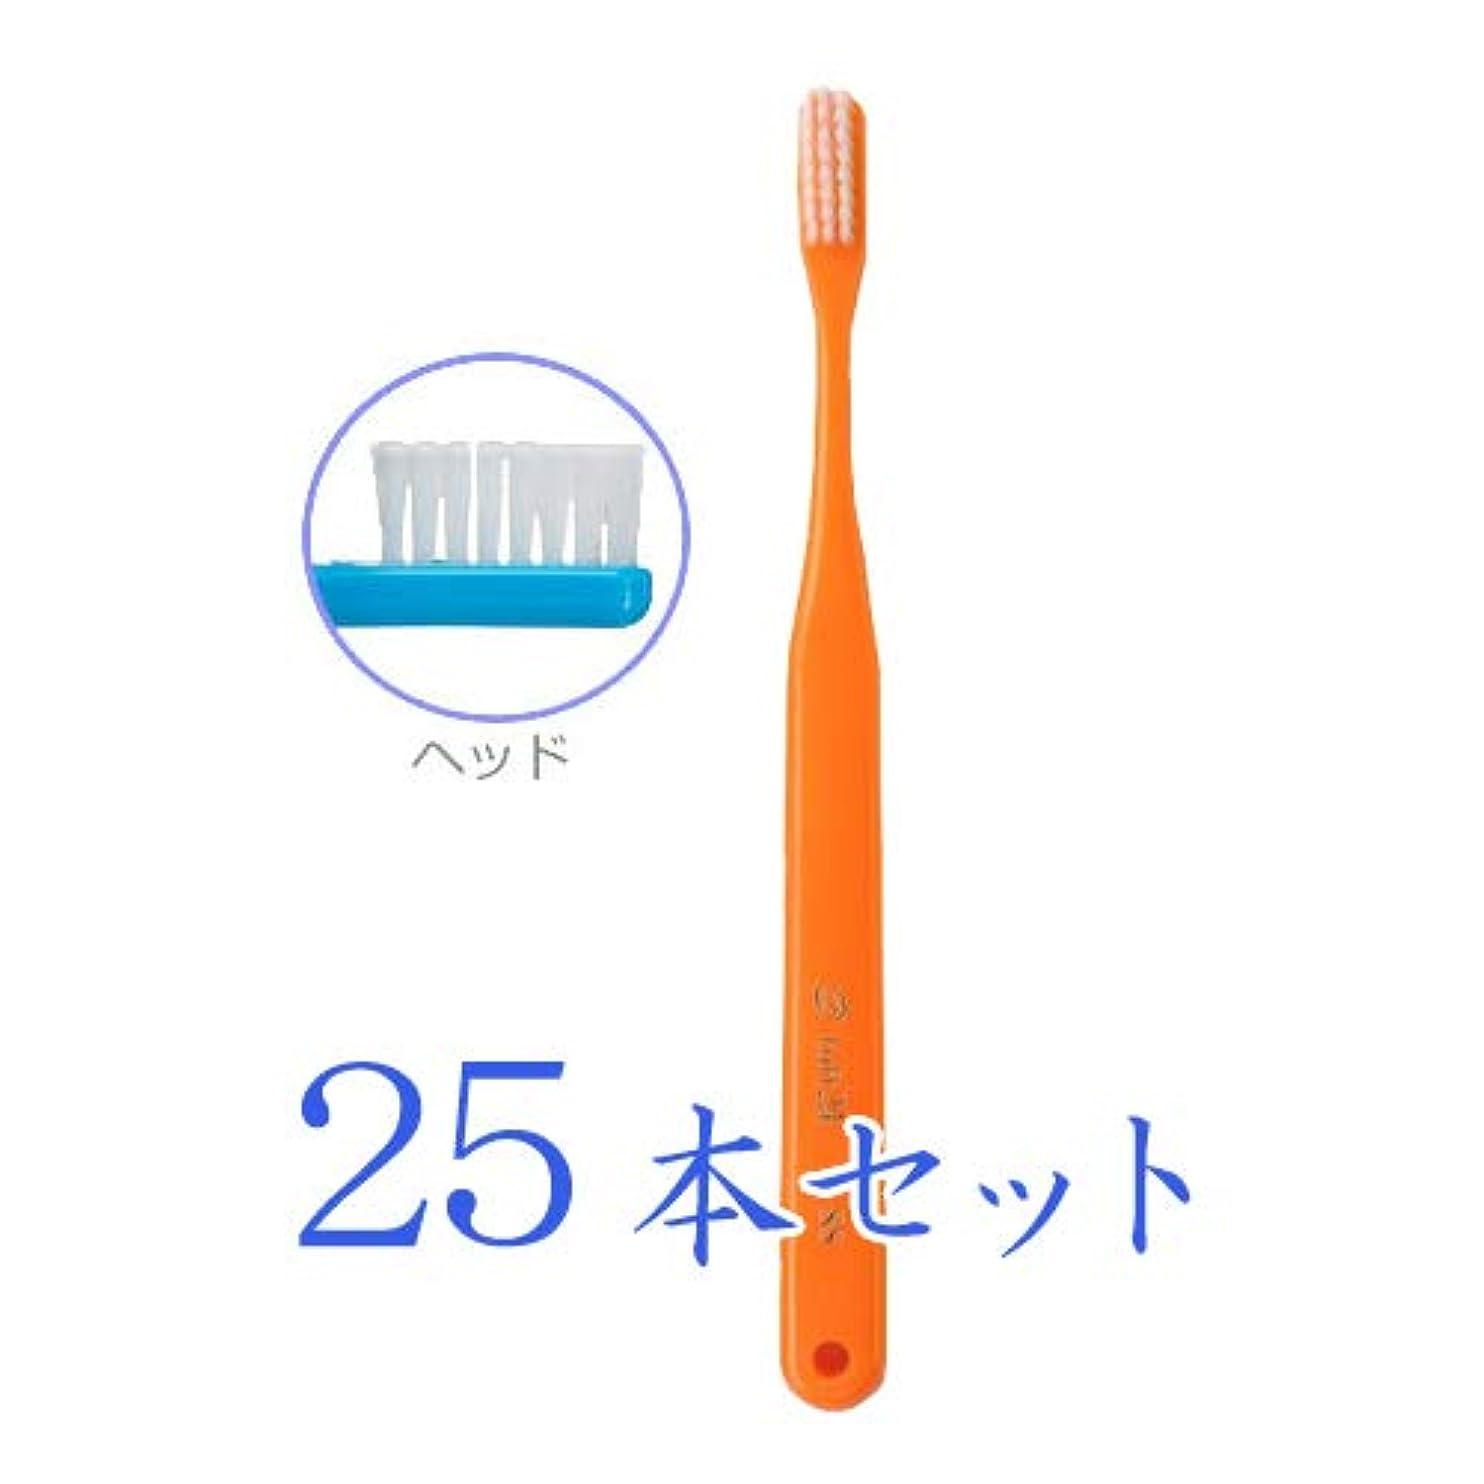 驚きシアーまつげオーラルケア タフト 24 歯ブラシ SS キャップなし 25本入 オレンジ